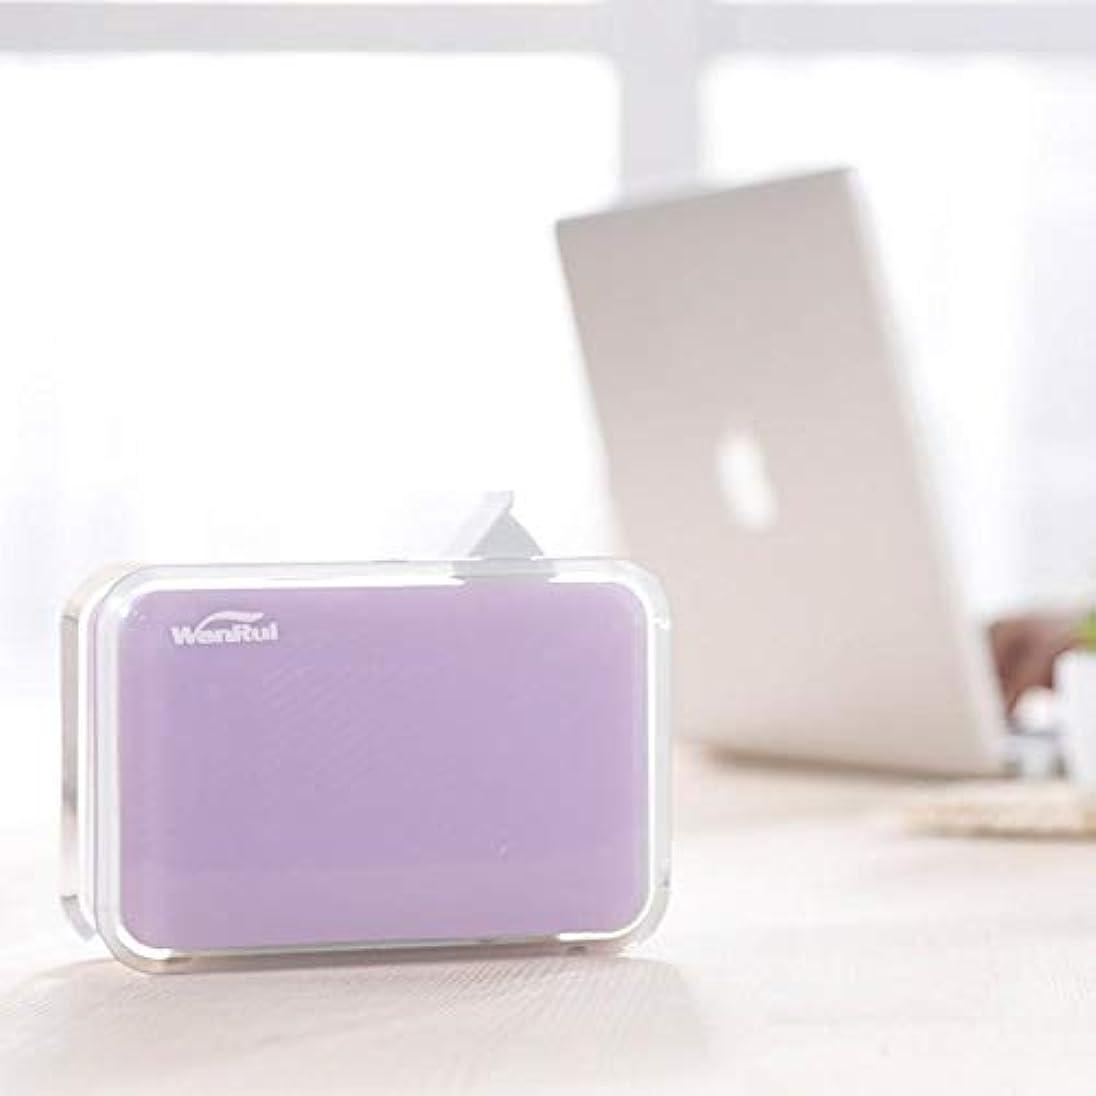 チューインガム不当擬人ミニ ポータブル 涼しい霧 加湿器,自動シャット ダウン-オフ 手動 加湿機 超音波式 精油 ディフューザー 空気を浄化 蒸気気化器 旅行のため-紫の